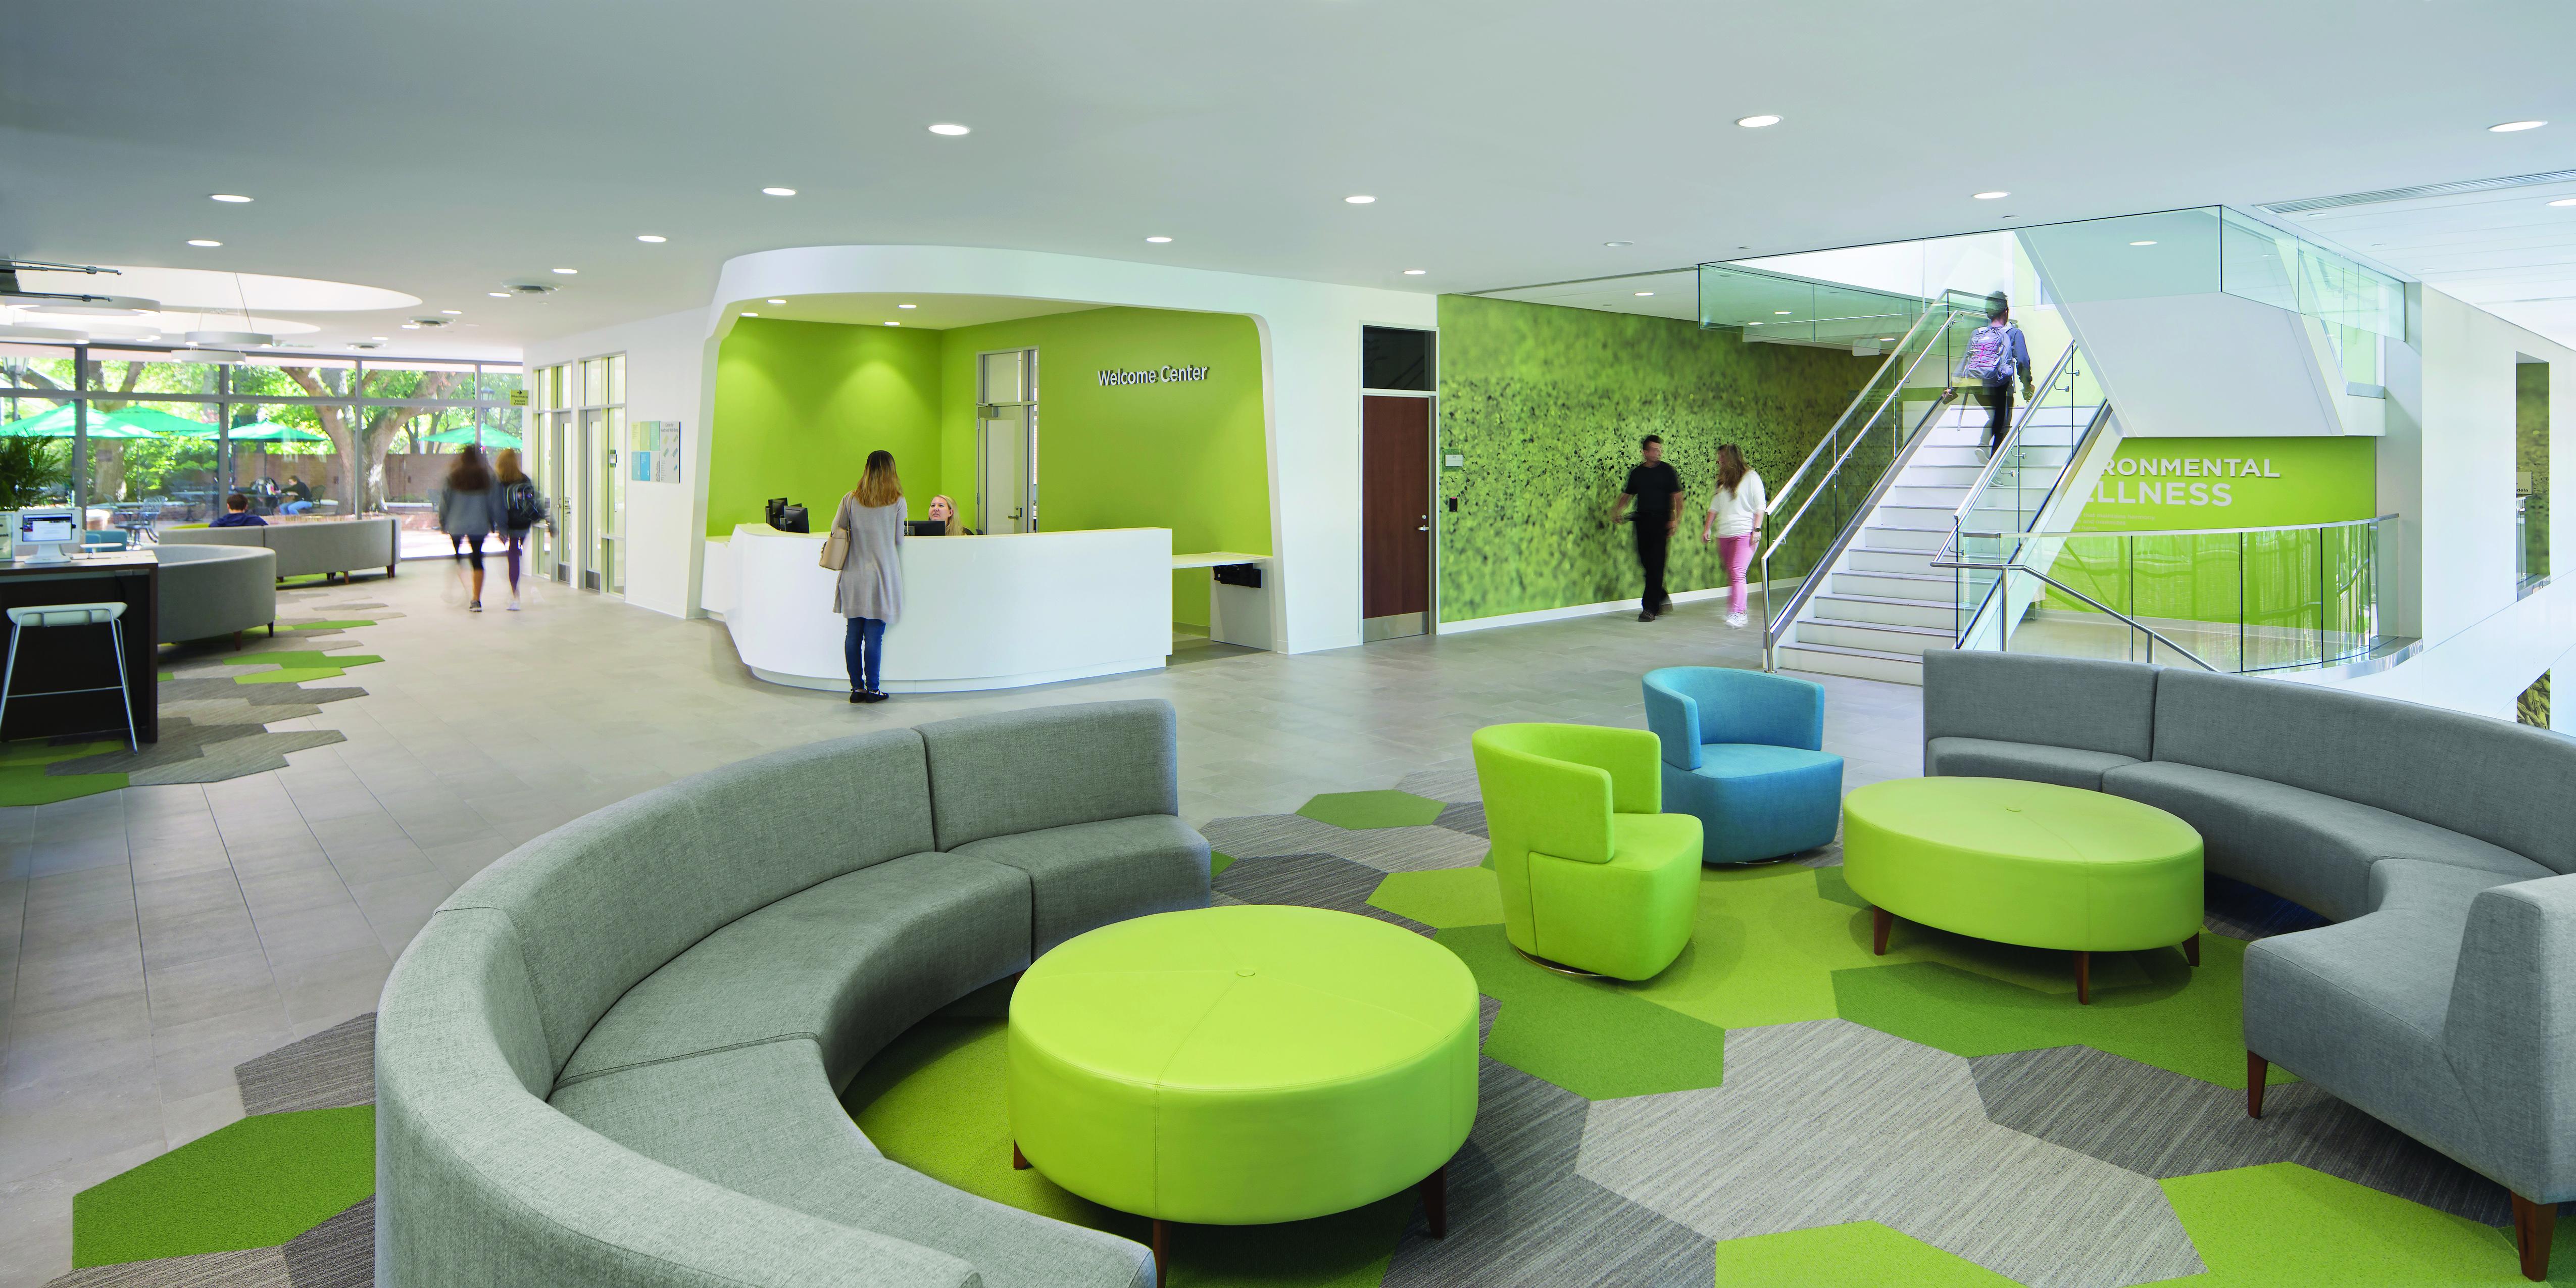 interior design firms columbia sc south carolina